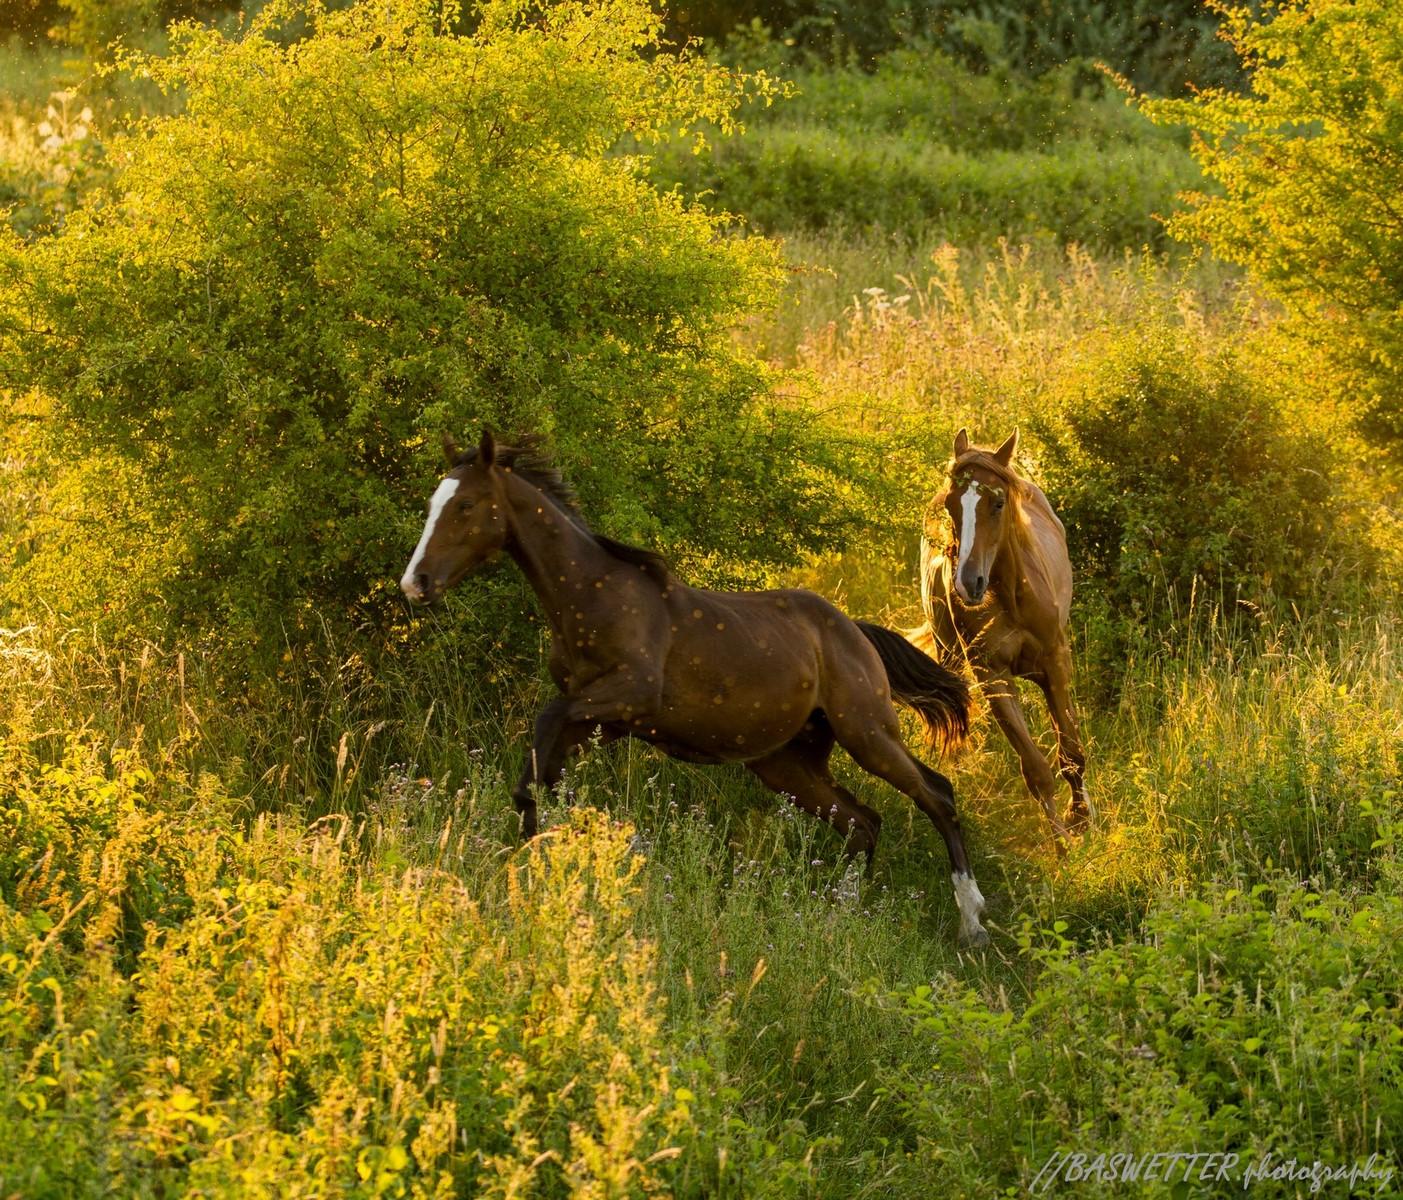 Galopperende paarden in de avondzon